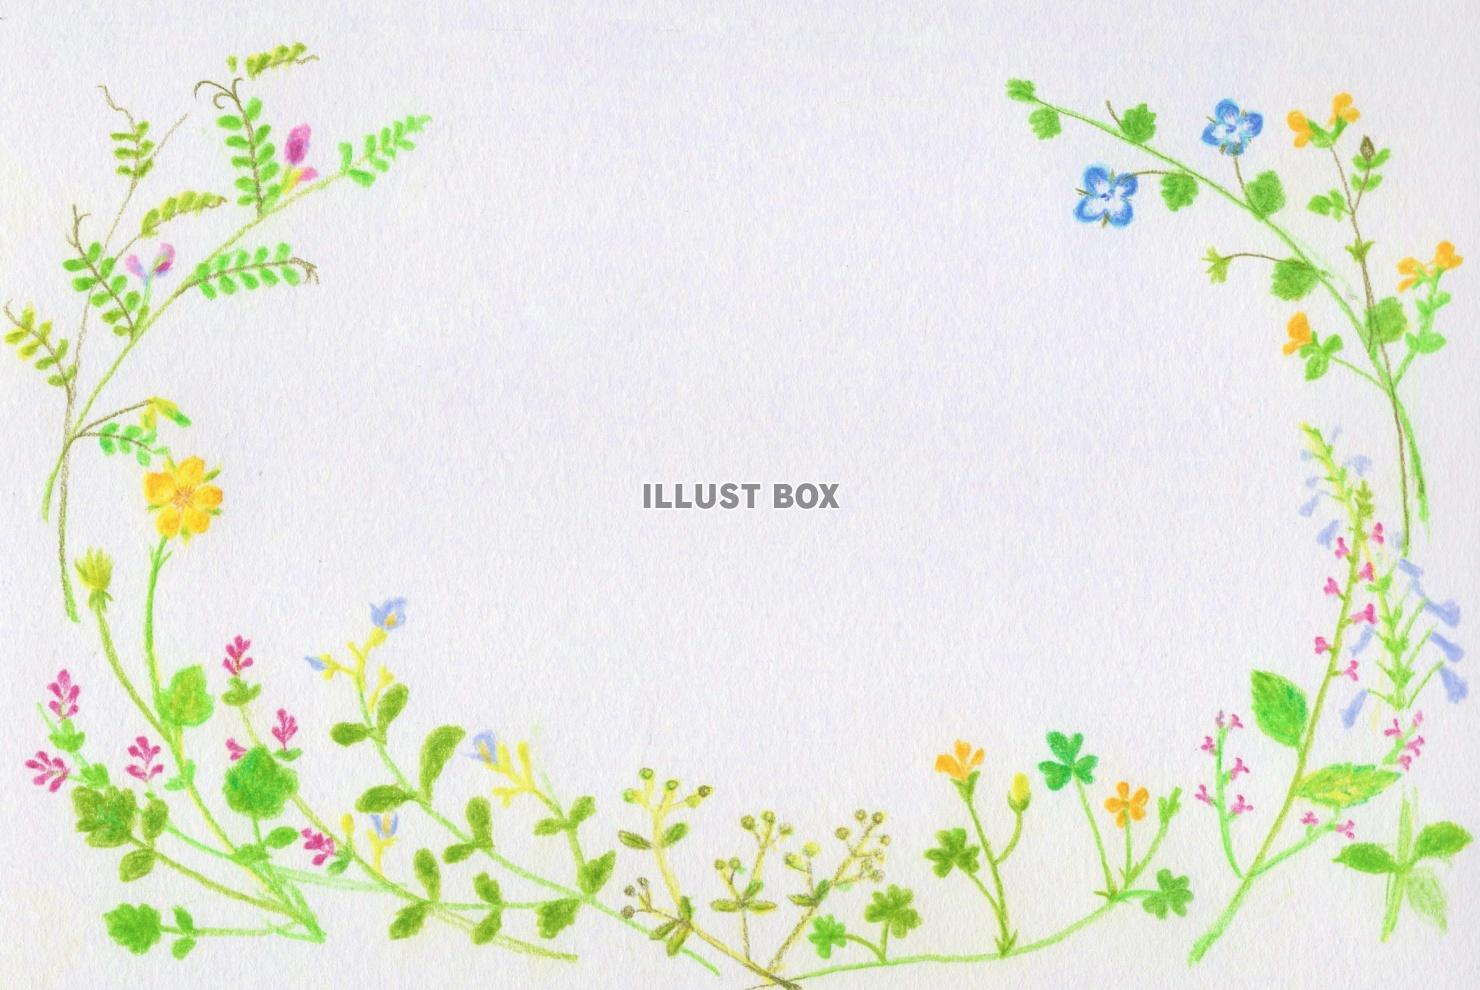 無料イラスト 春めく野の花フレーム 横